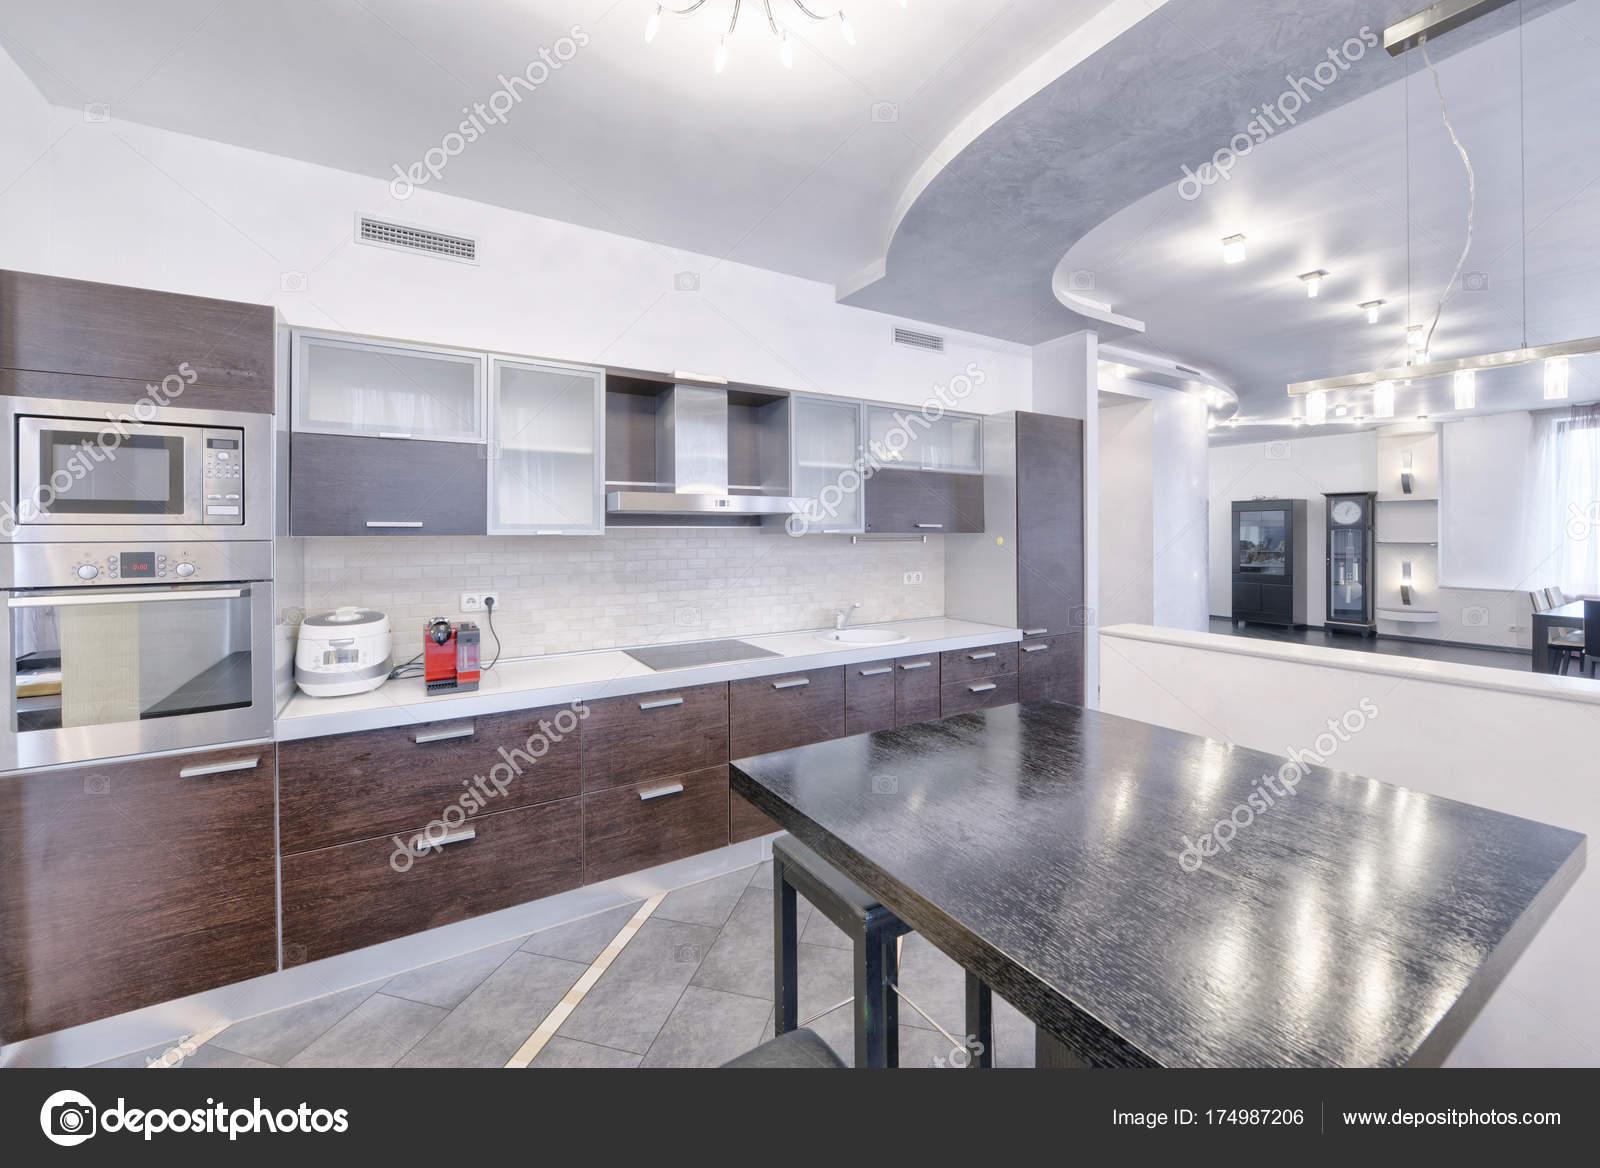 Nieuwe Design Keuken : Interieur design moderne keuken het nieuwe huis u stockfoto